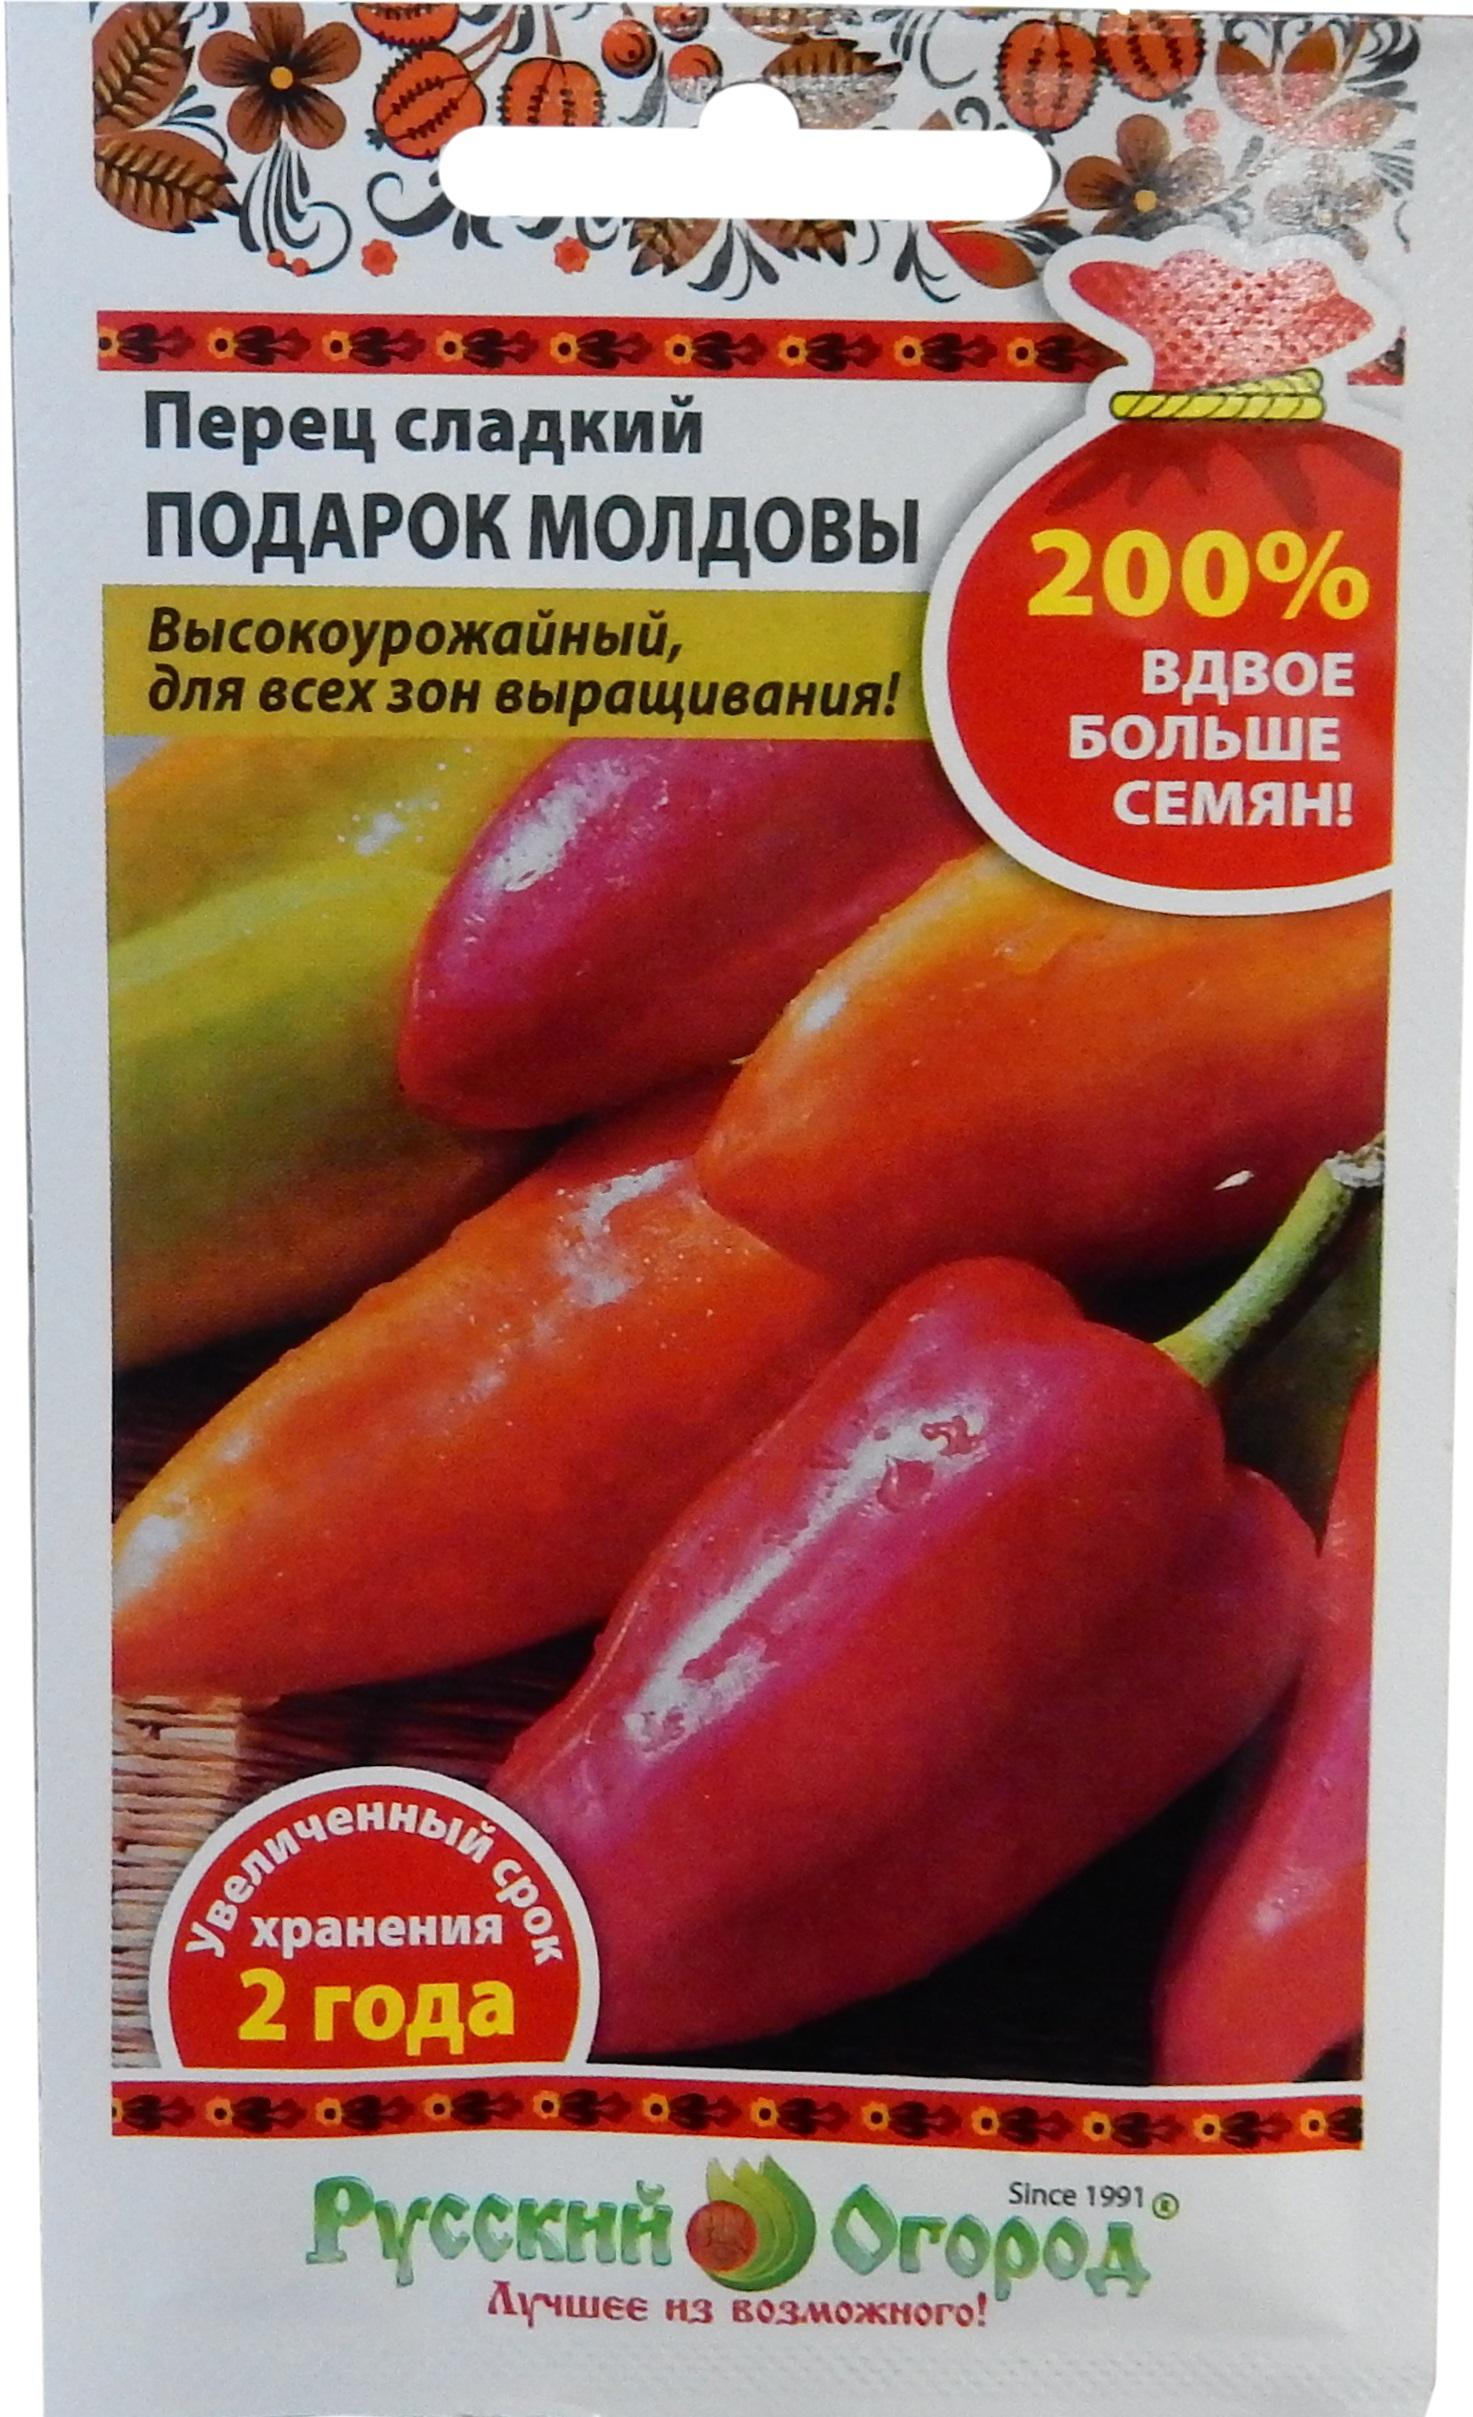 Перец подарок молдовы - характеристика и описание сорта, фото, урожайность, отзывы тех, кто сажал